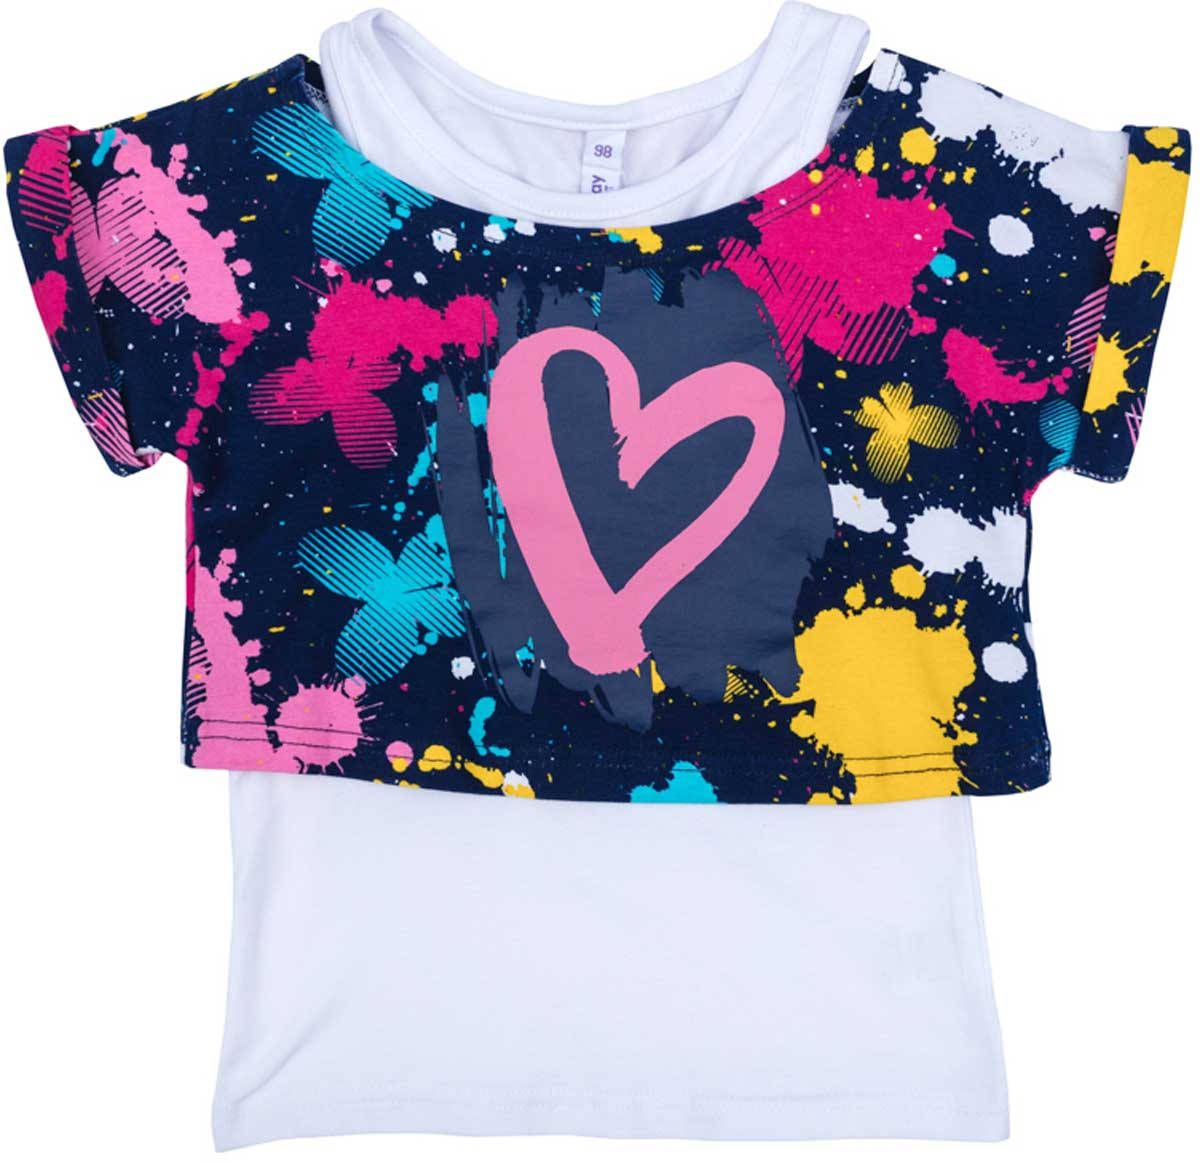 Майка для девочки PlayToday, цвет: синий, светло-розовый, желтый, голубой. 179005. Размер 116179005Комплект для девочки PlayToday понравится вашей моднице! Можно носить вместе и по отдельности. Материал приятен к телу и не вызывает раздражений. Эффектный рисунок принтованной ткани будет выделять данное изделие в детском гардеробе.